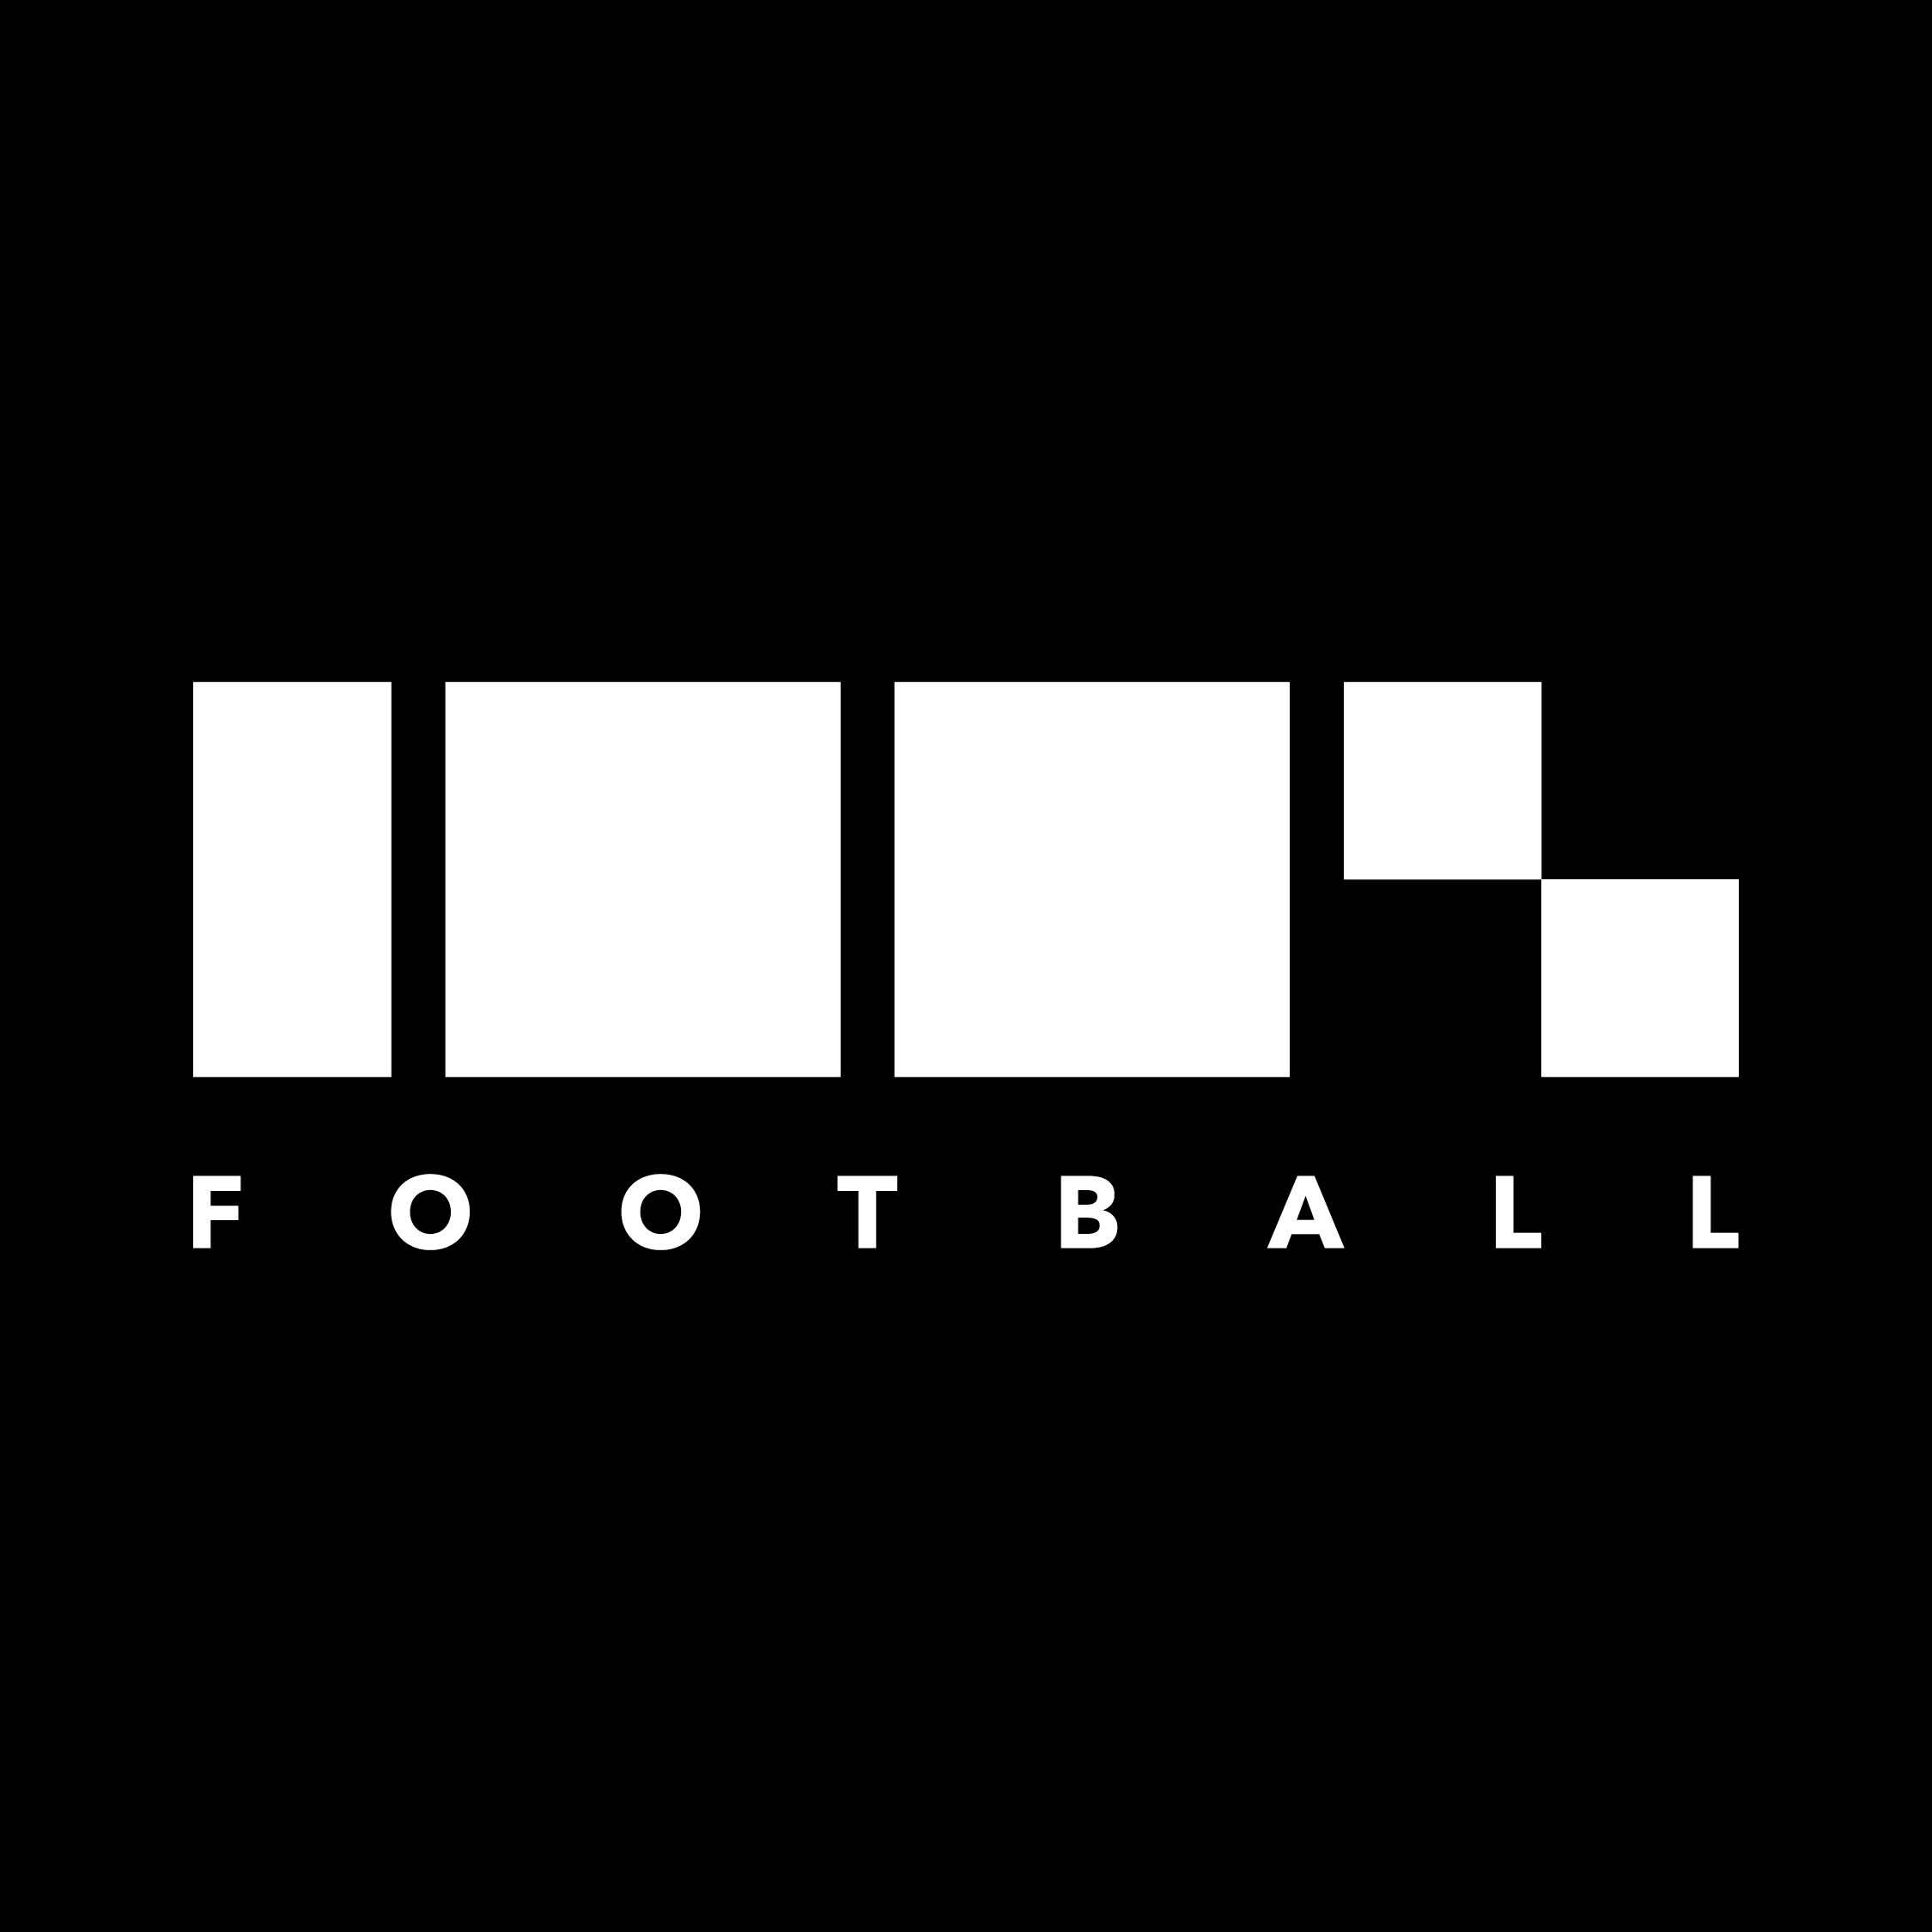 100% Football Almelo